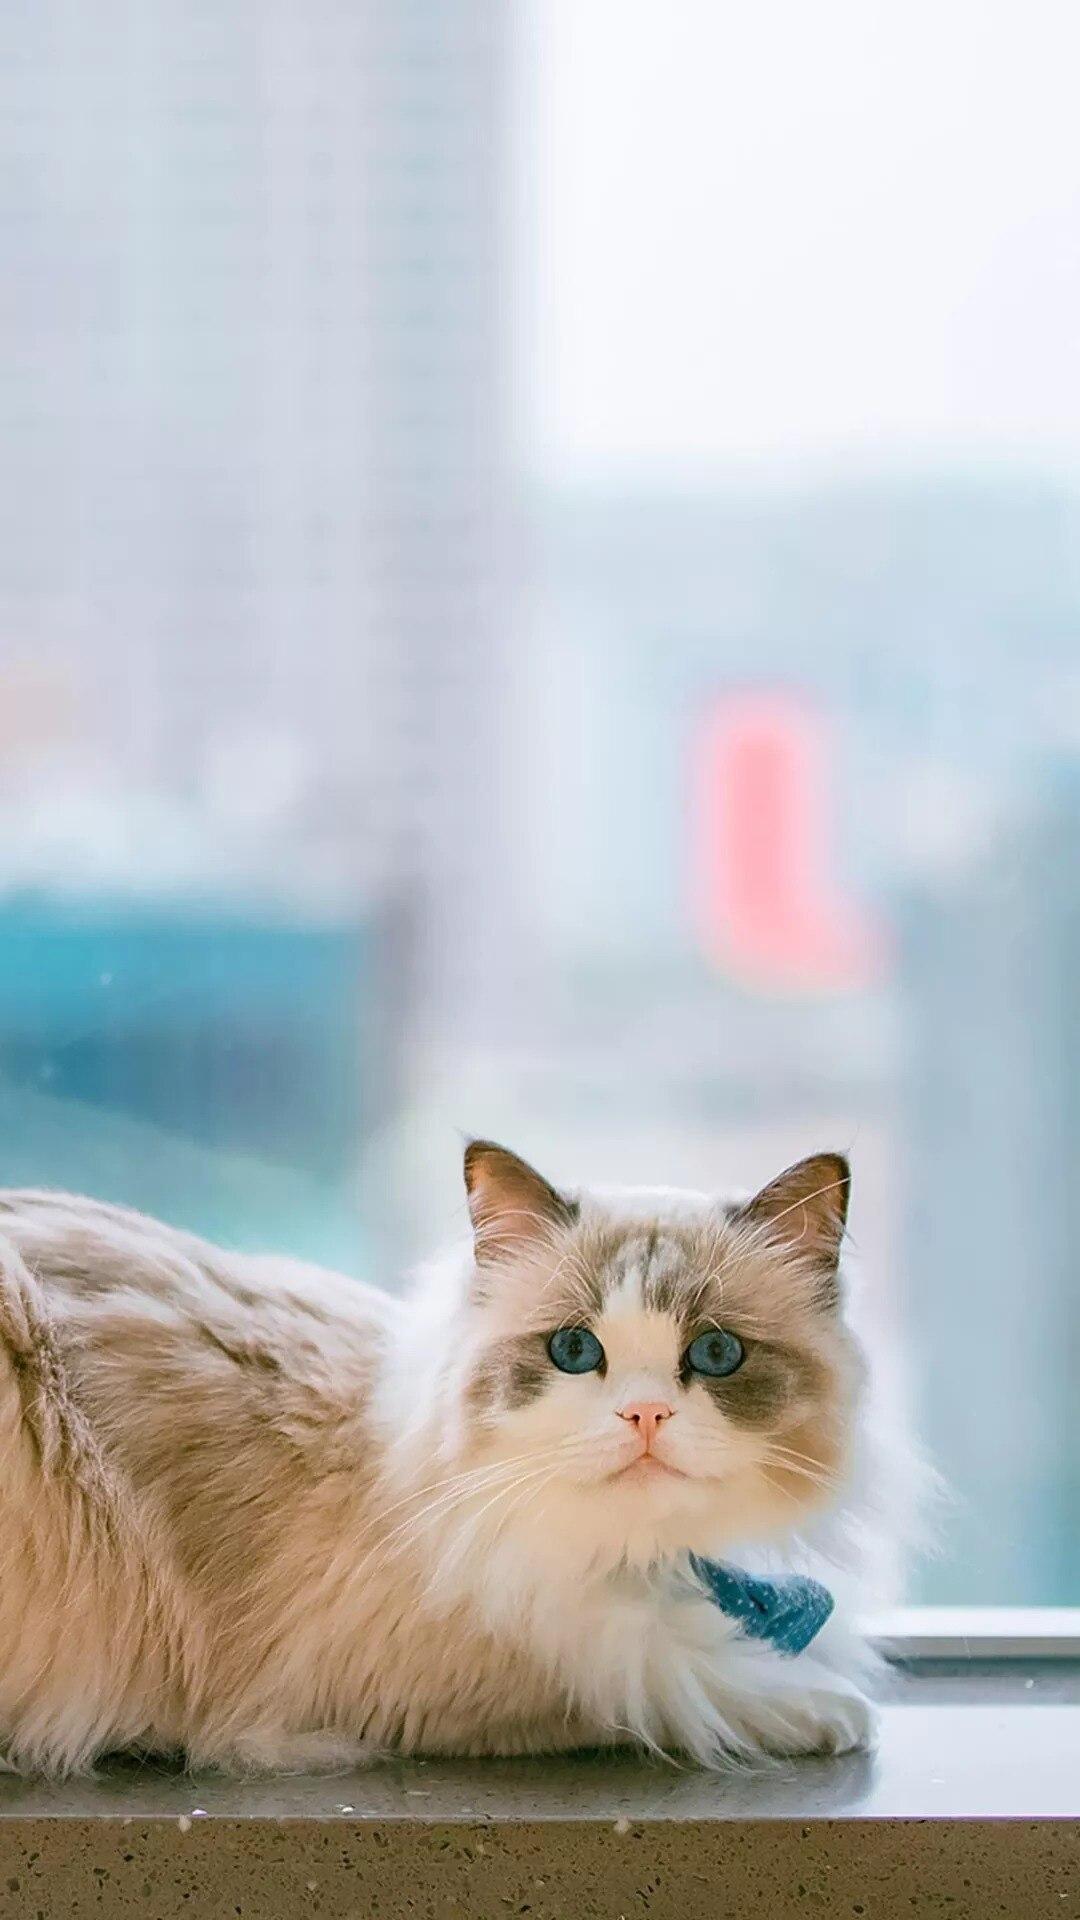 猫片壁纸 :生活不断拍打我们的脸皮,最后不是脸皮厚了,是肿了!插图85